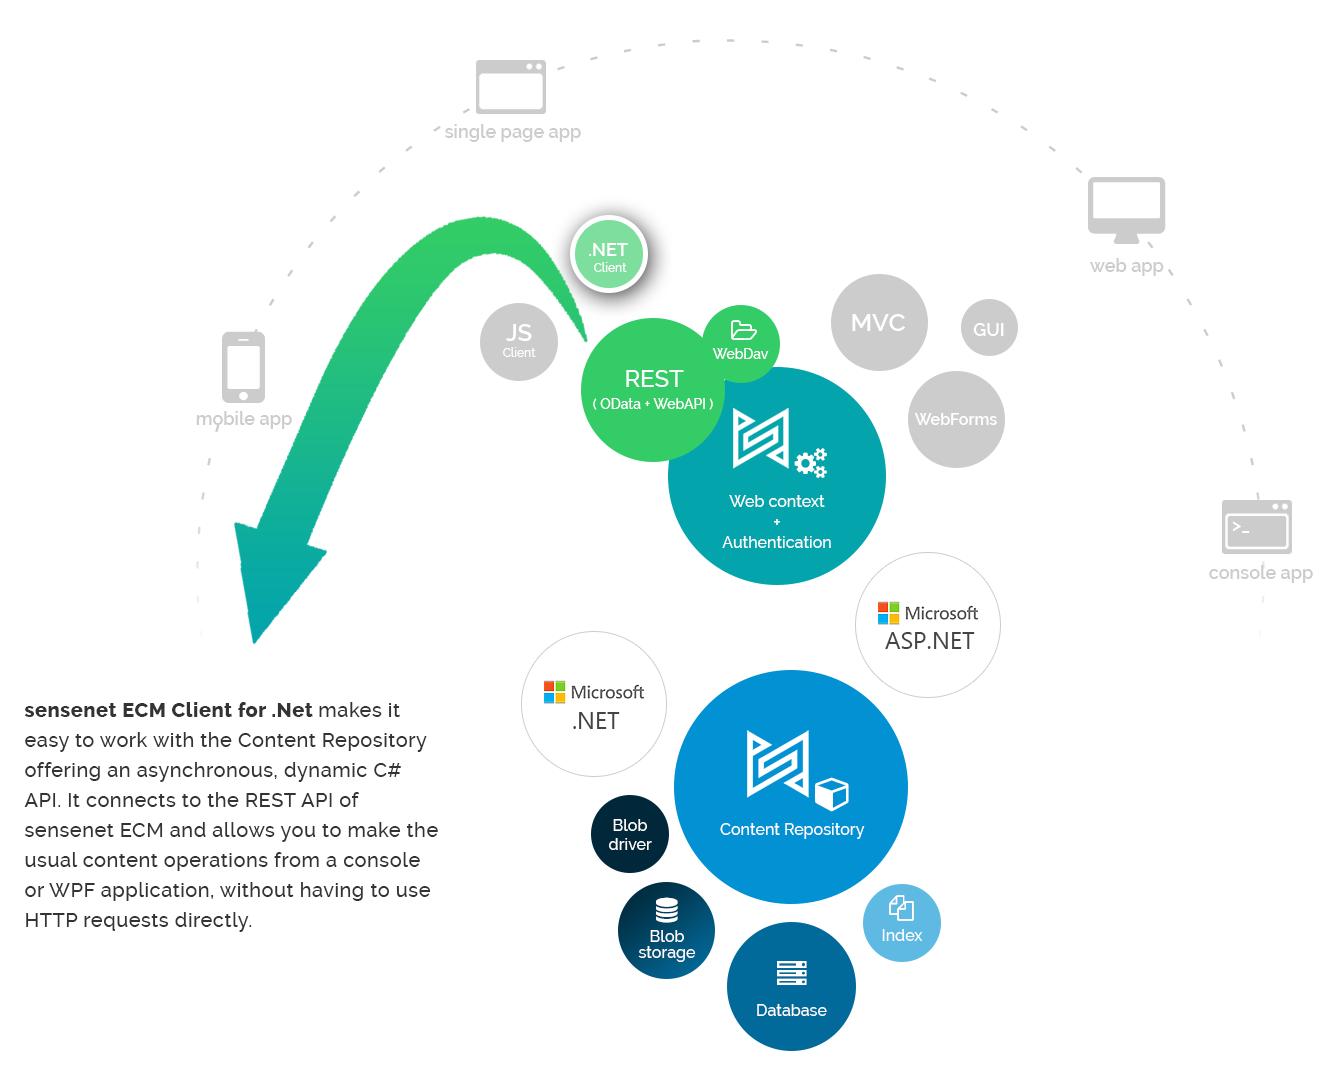 sensenet .Net client